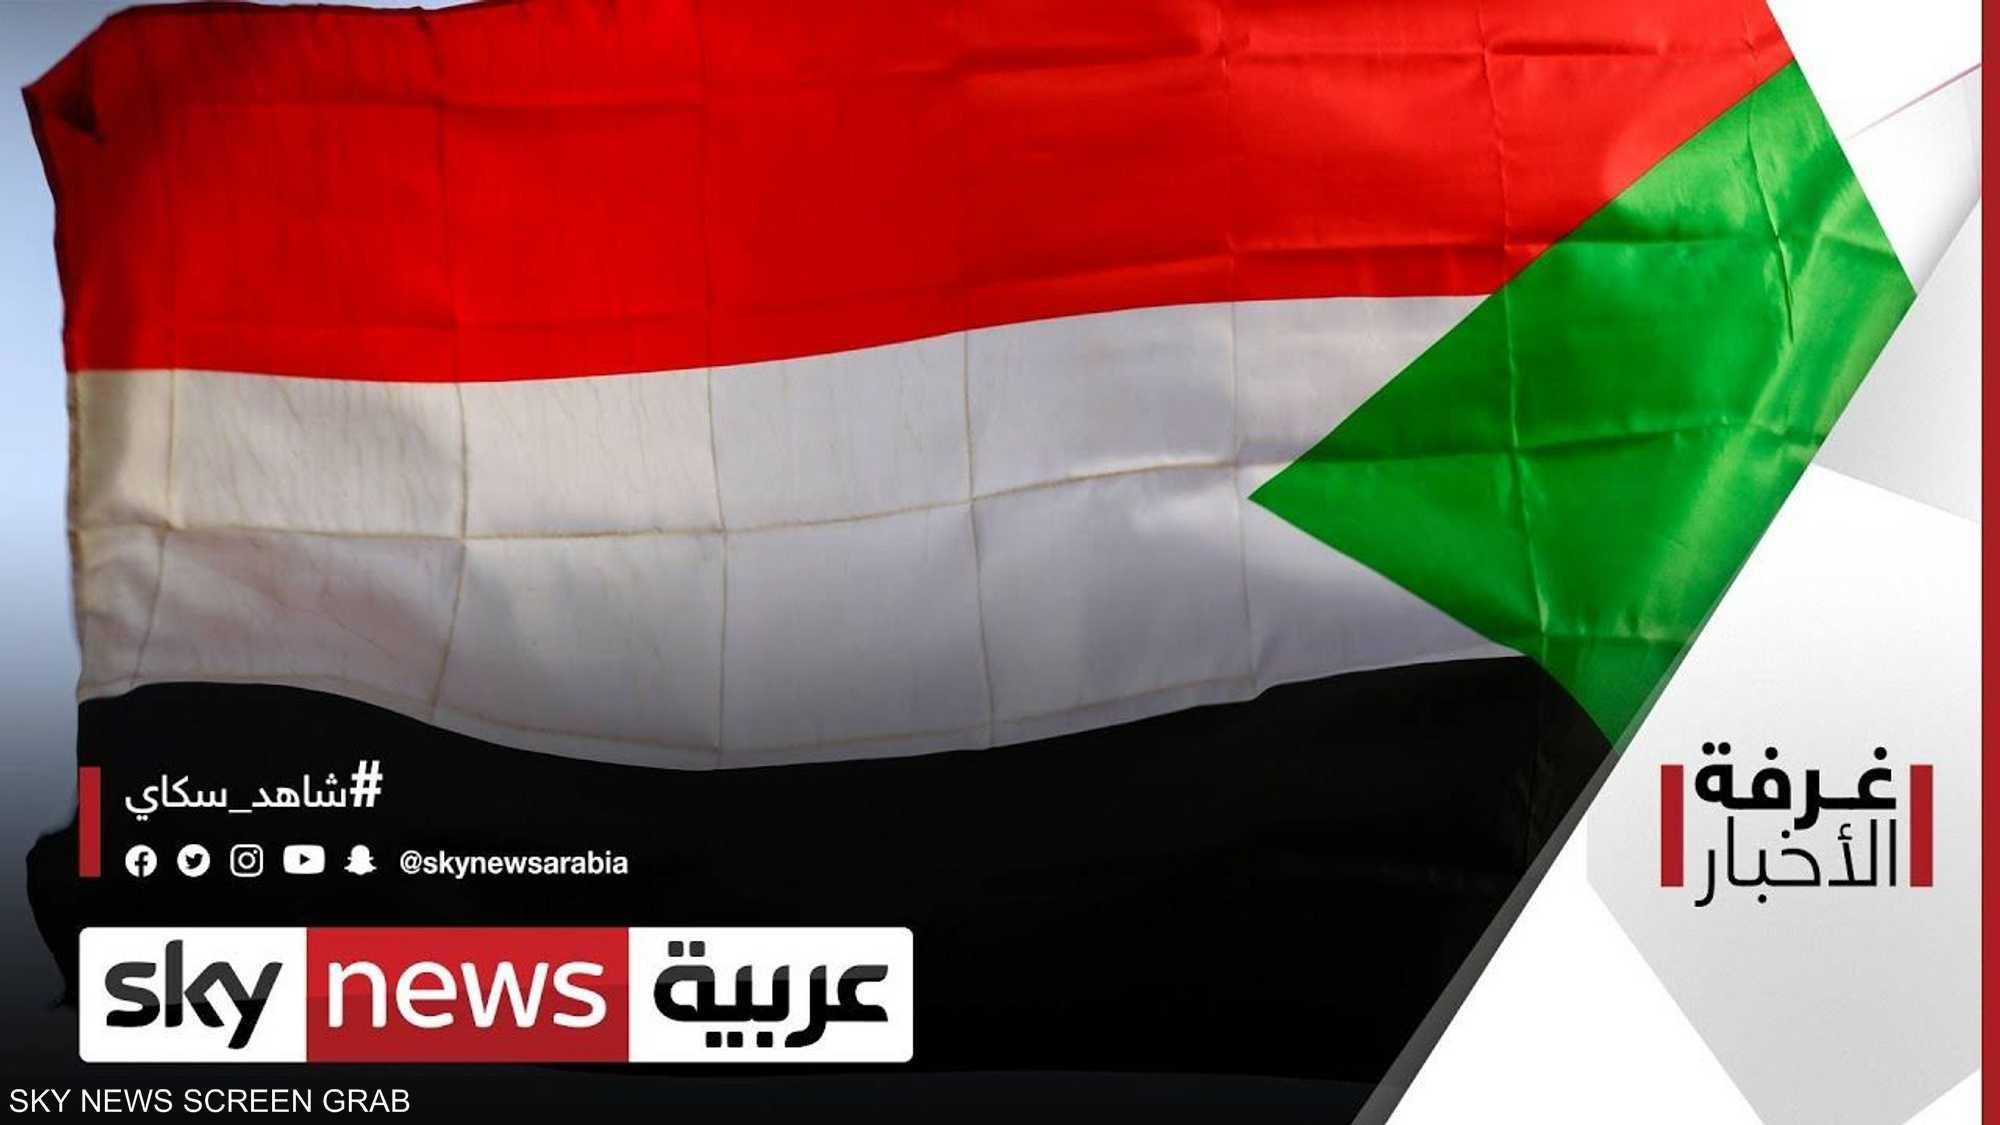 السودان ومكاسب رفعها من قوائم الإرهاب الأميركية